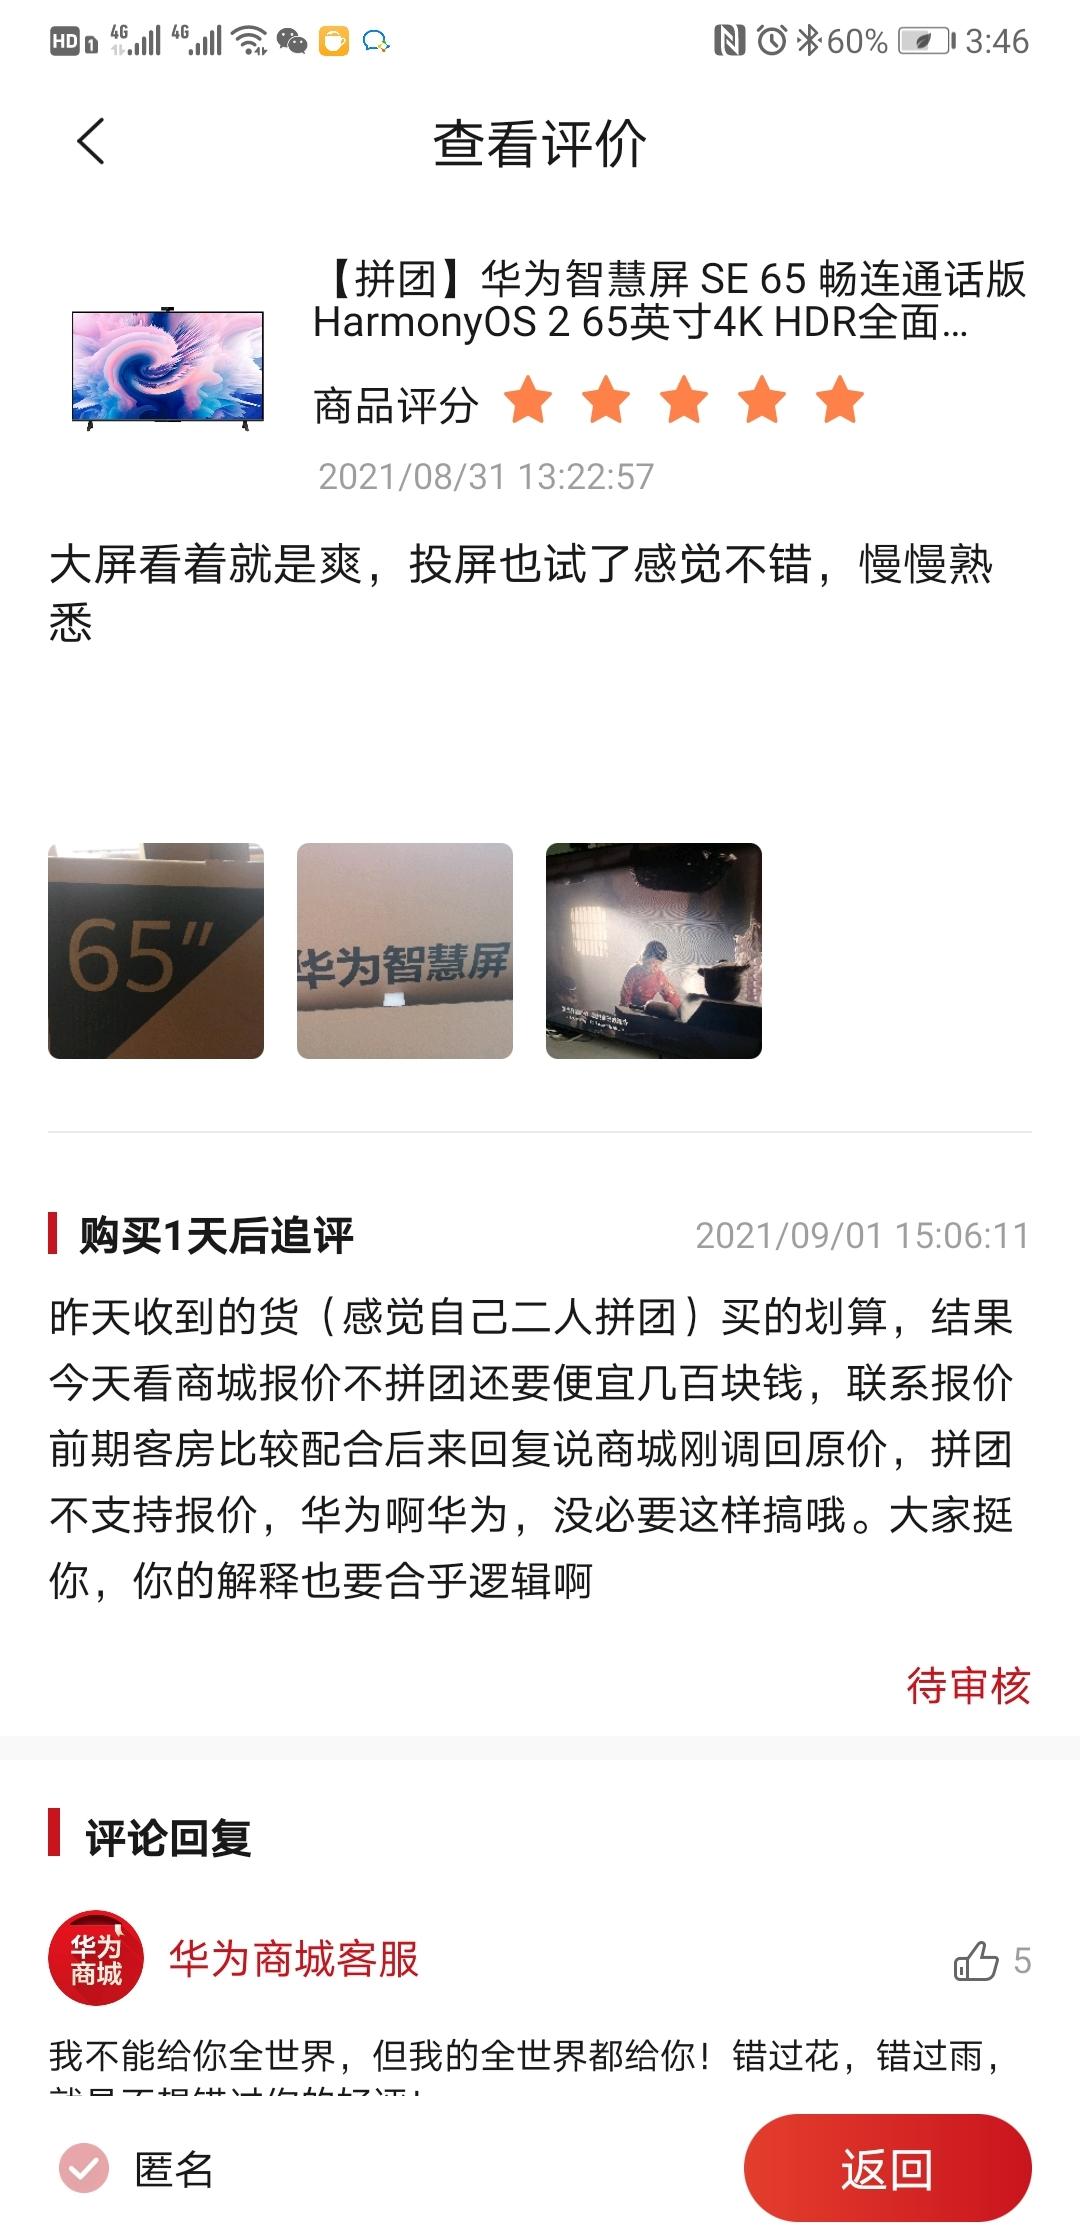 Screenshot_20210901_154650_com.vmall.client.jpg